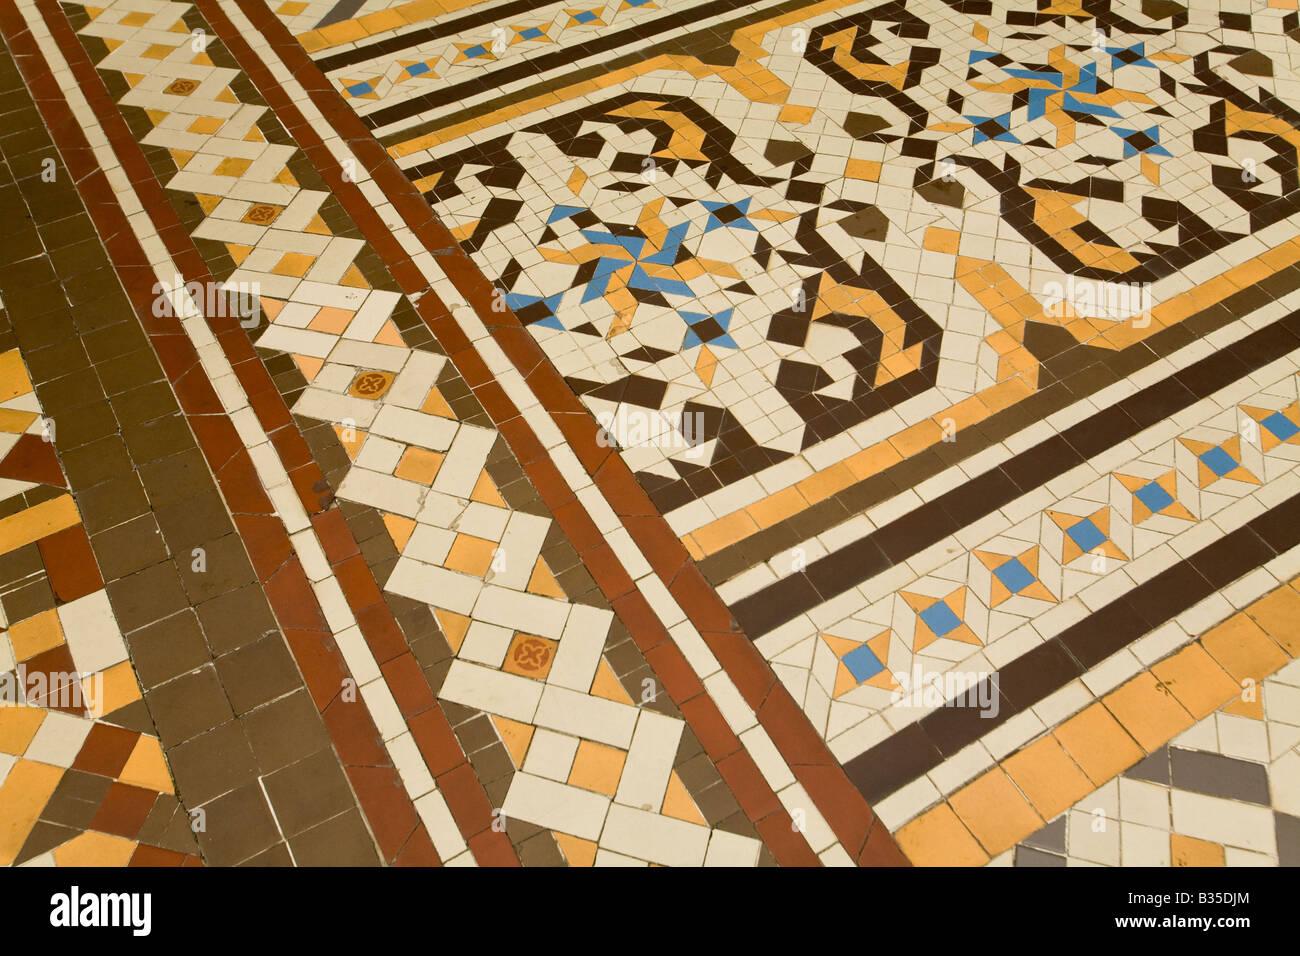 Mosaic tile for floor